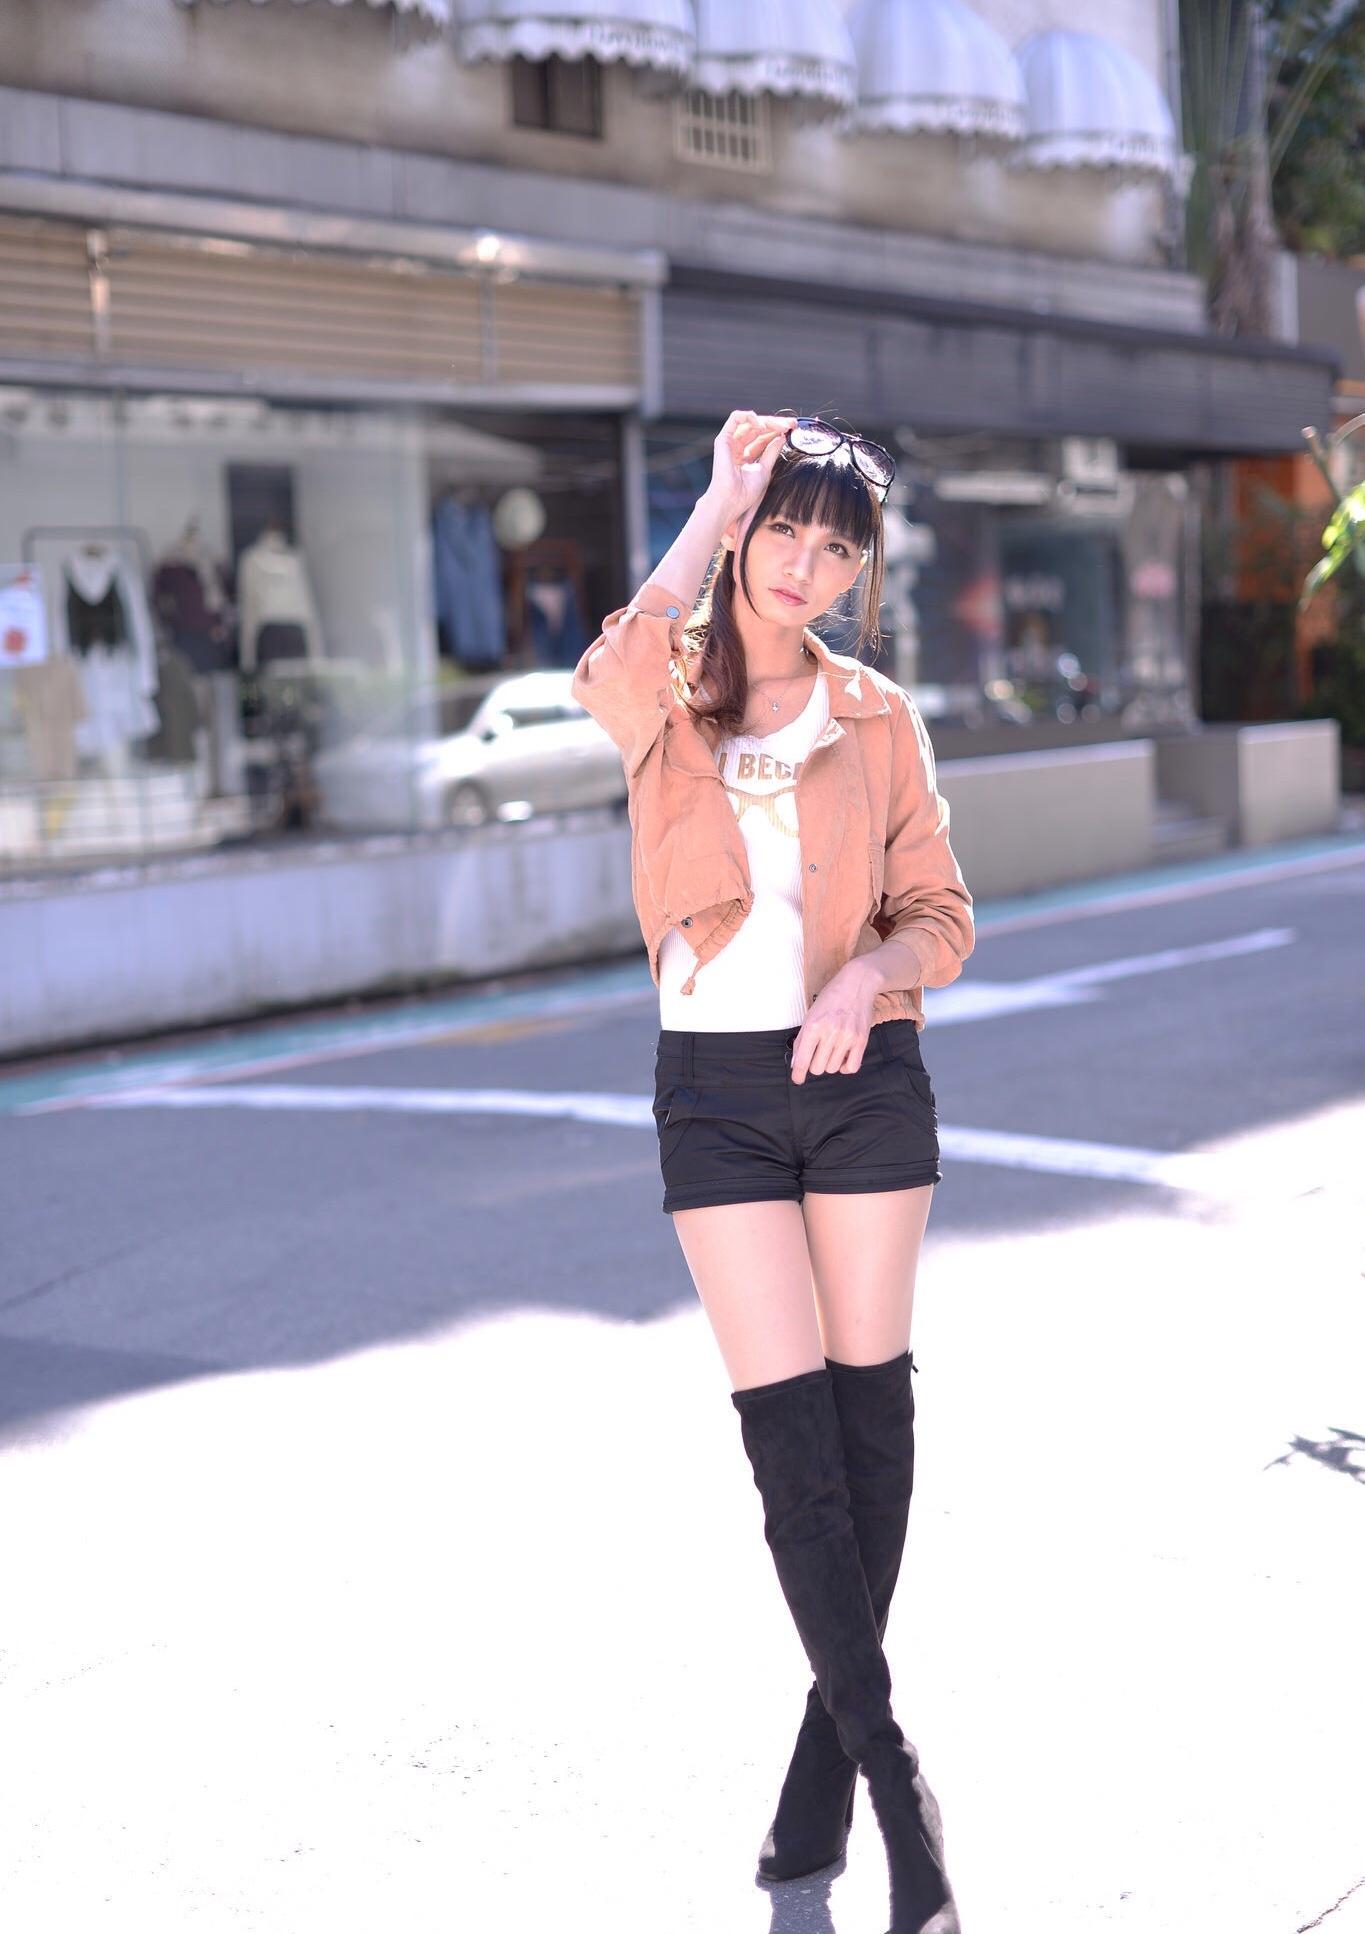 ニーハイブーツを履いた台湾美女Candice 13